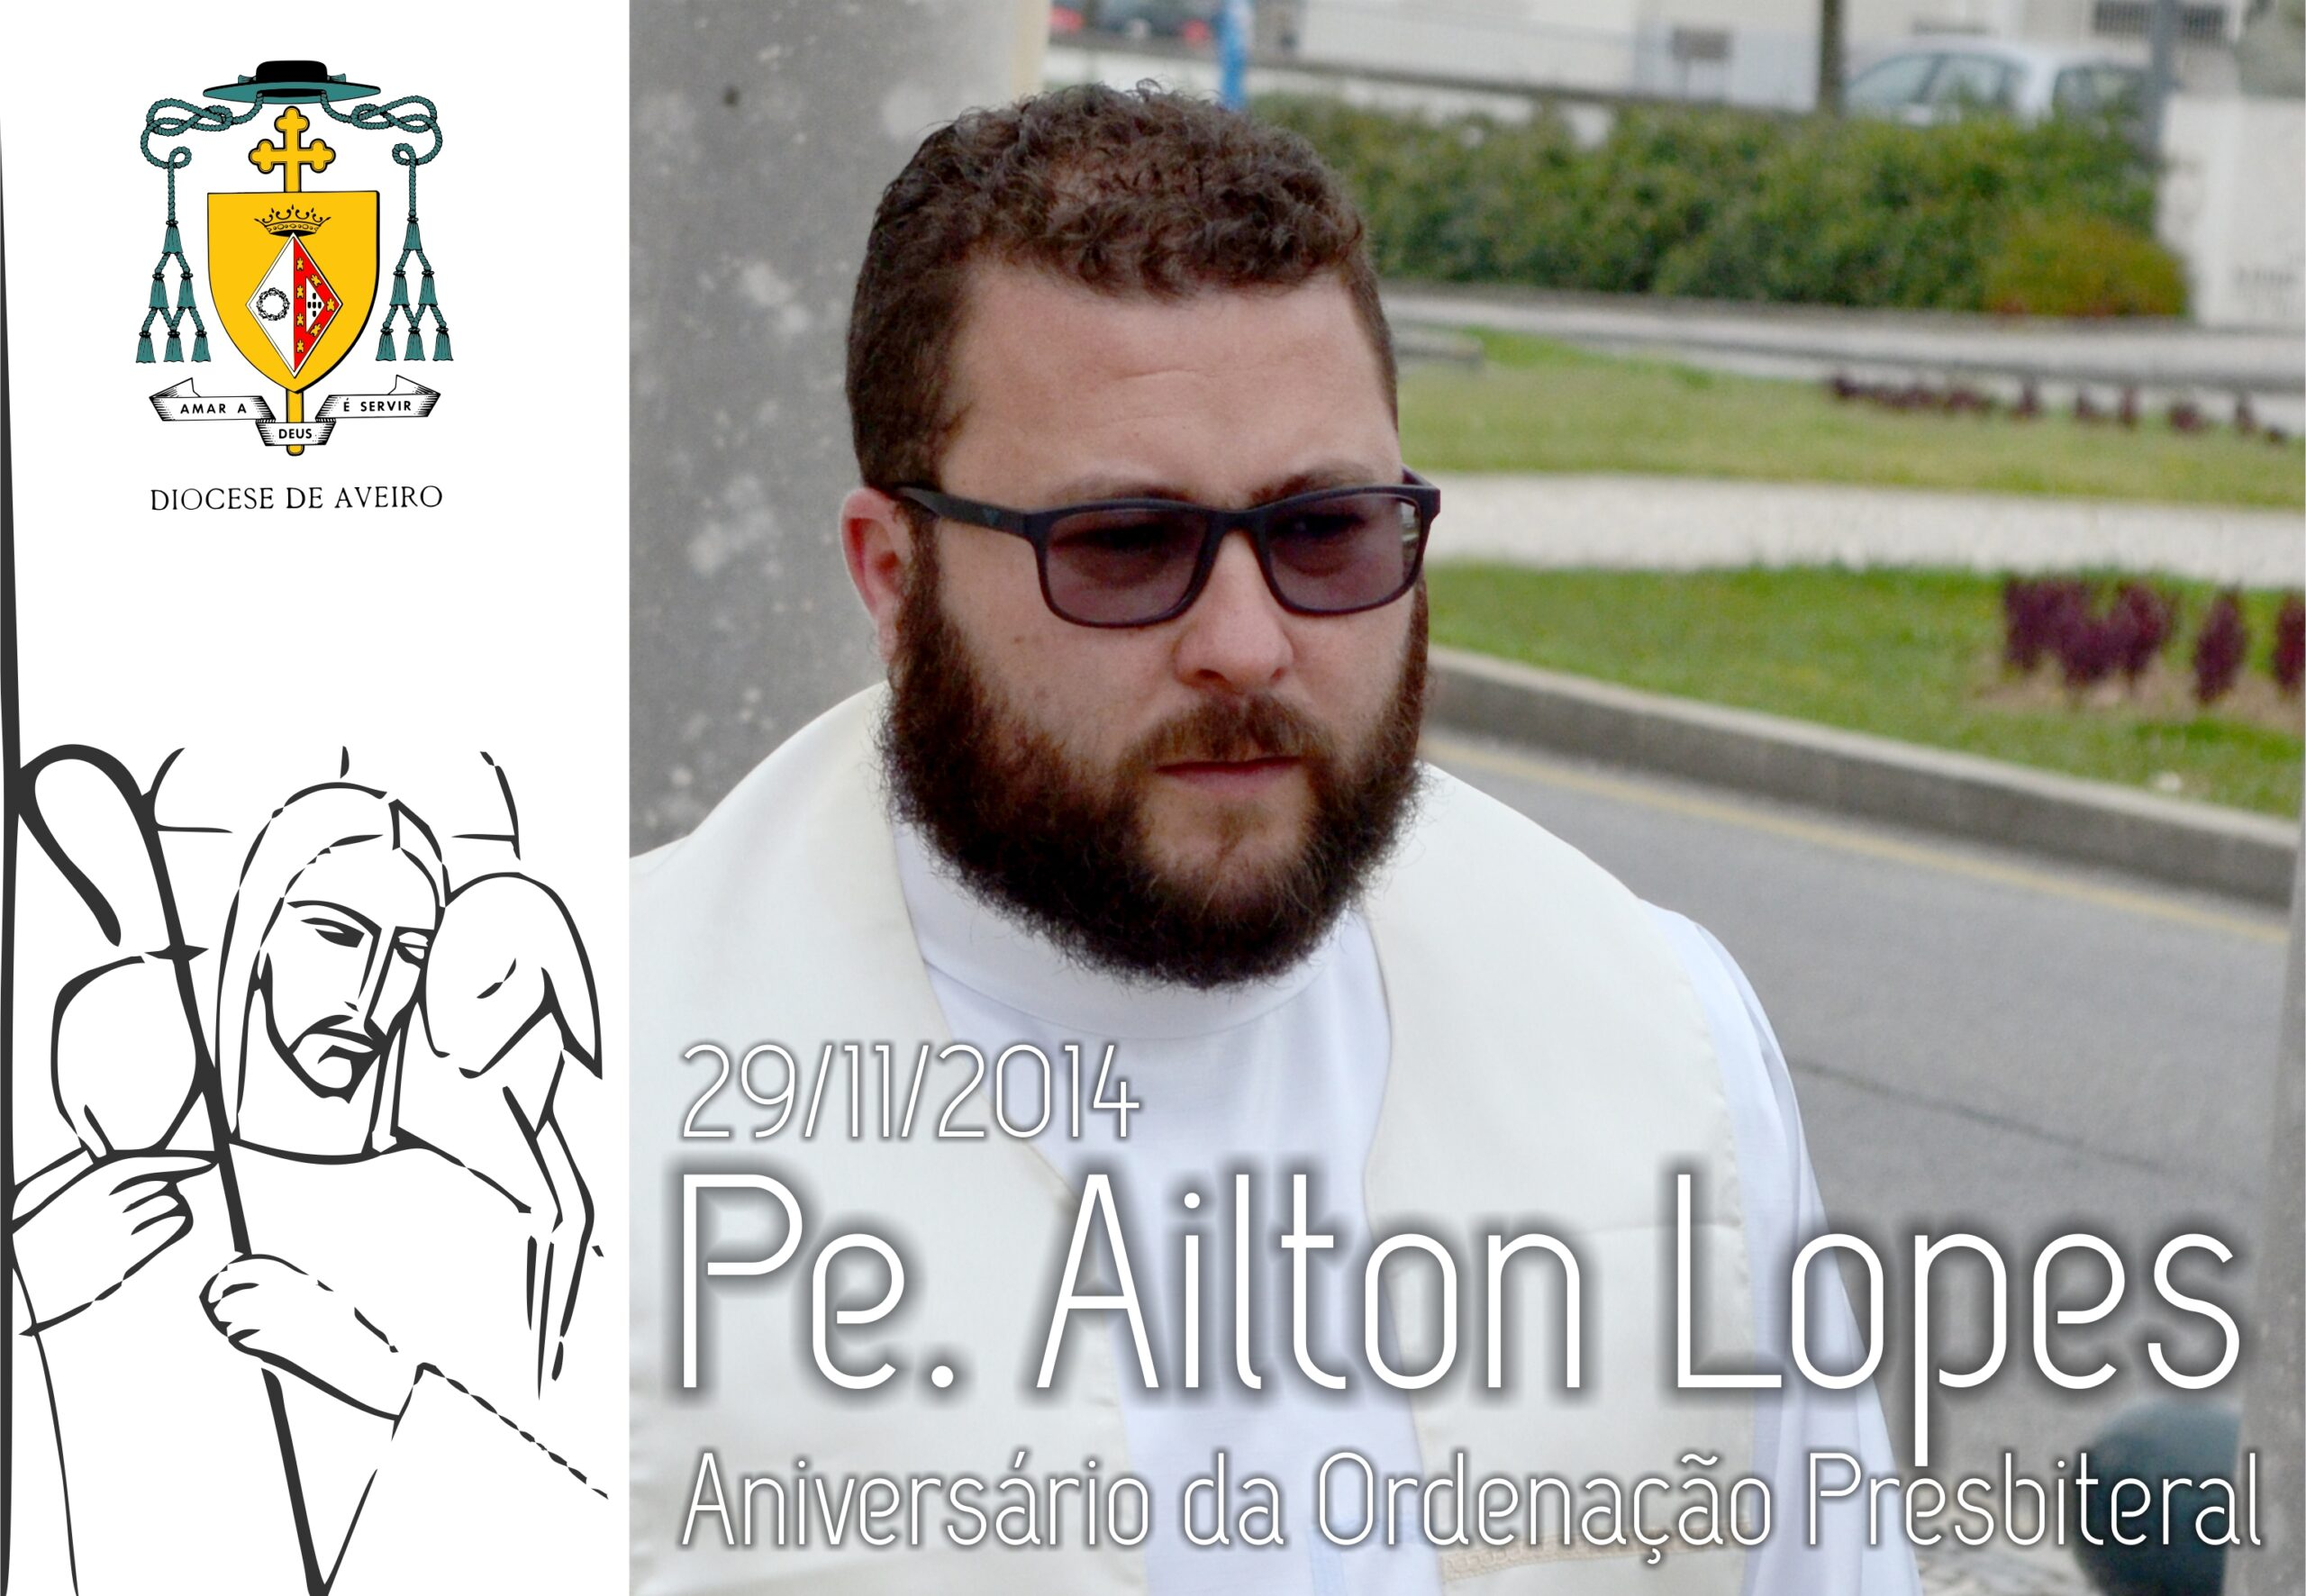 11.29_Pe.-Ailton